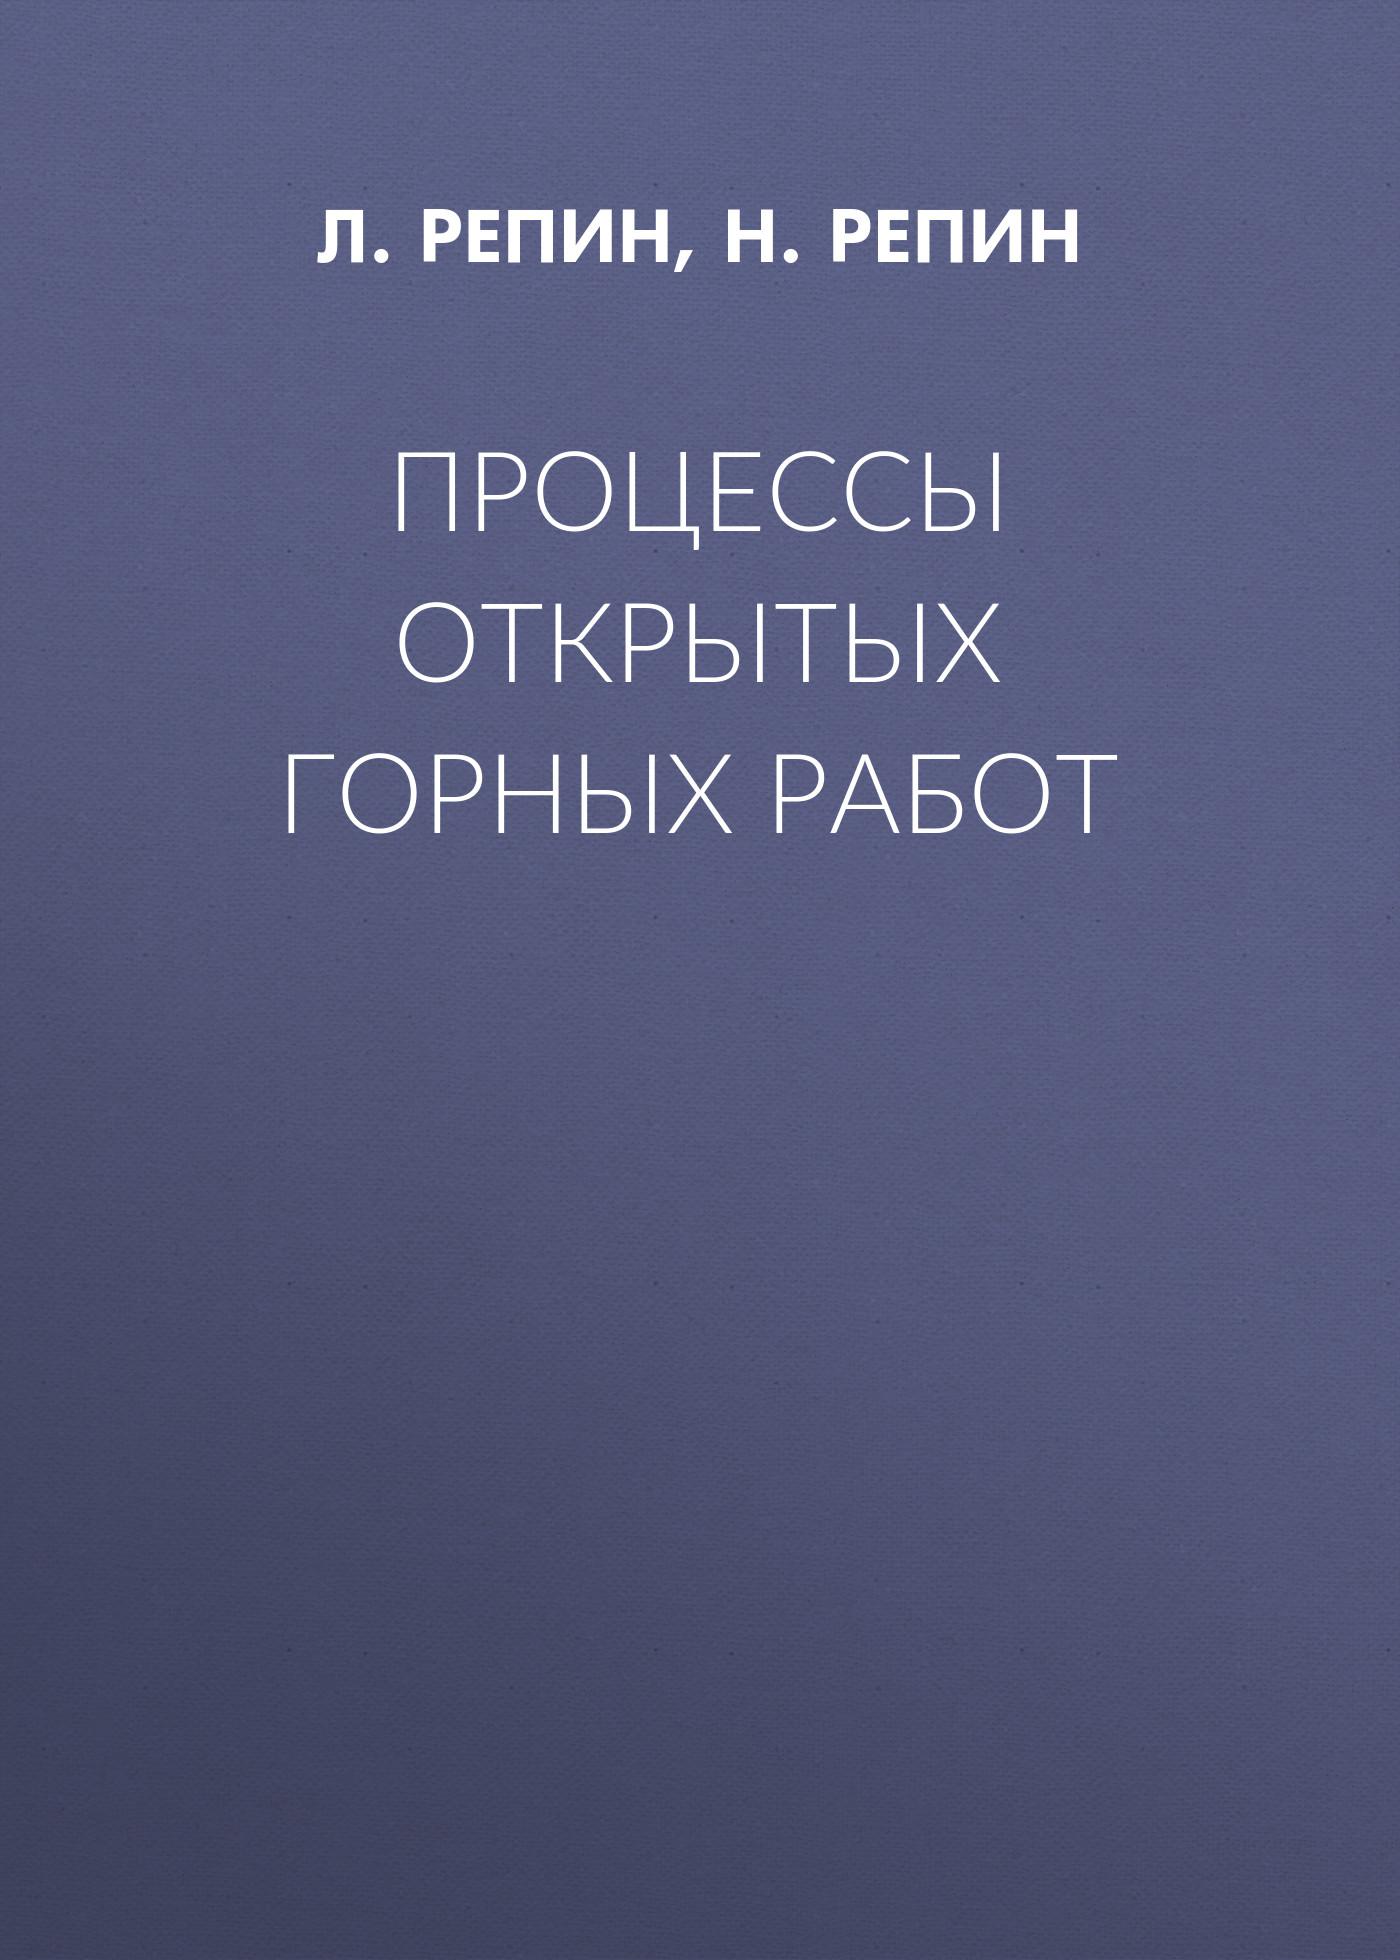 Л. Репин Процессы открытых горных работ с шемякин ведение открытых горных работ на основе совершенствования выемки пород